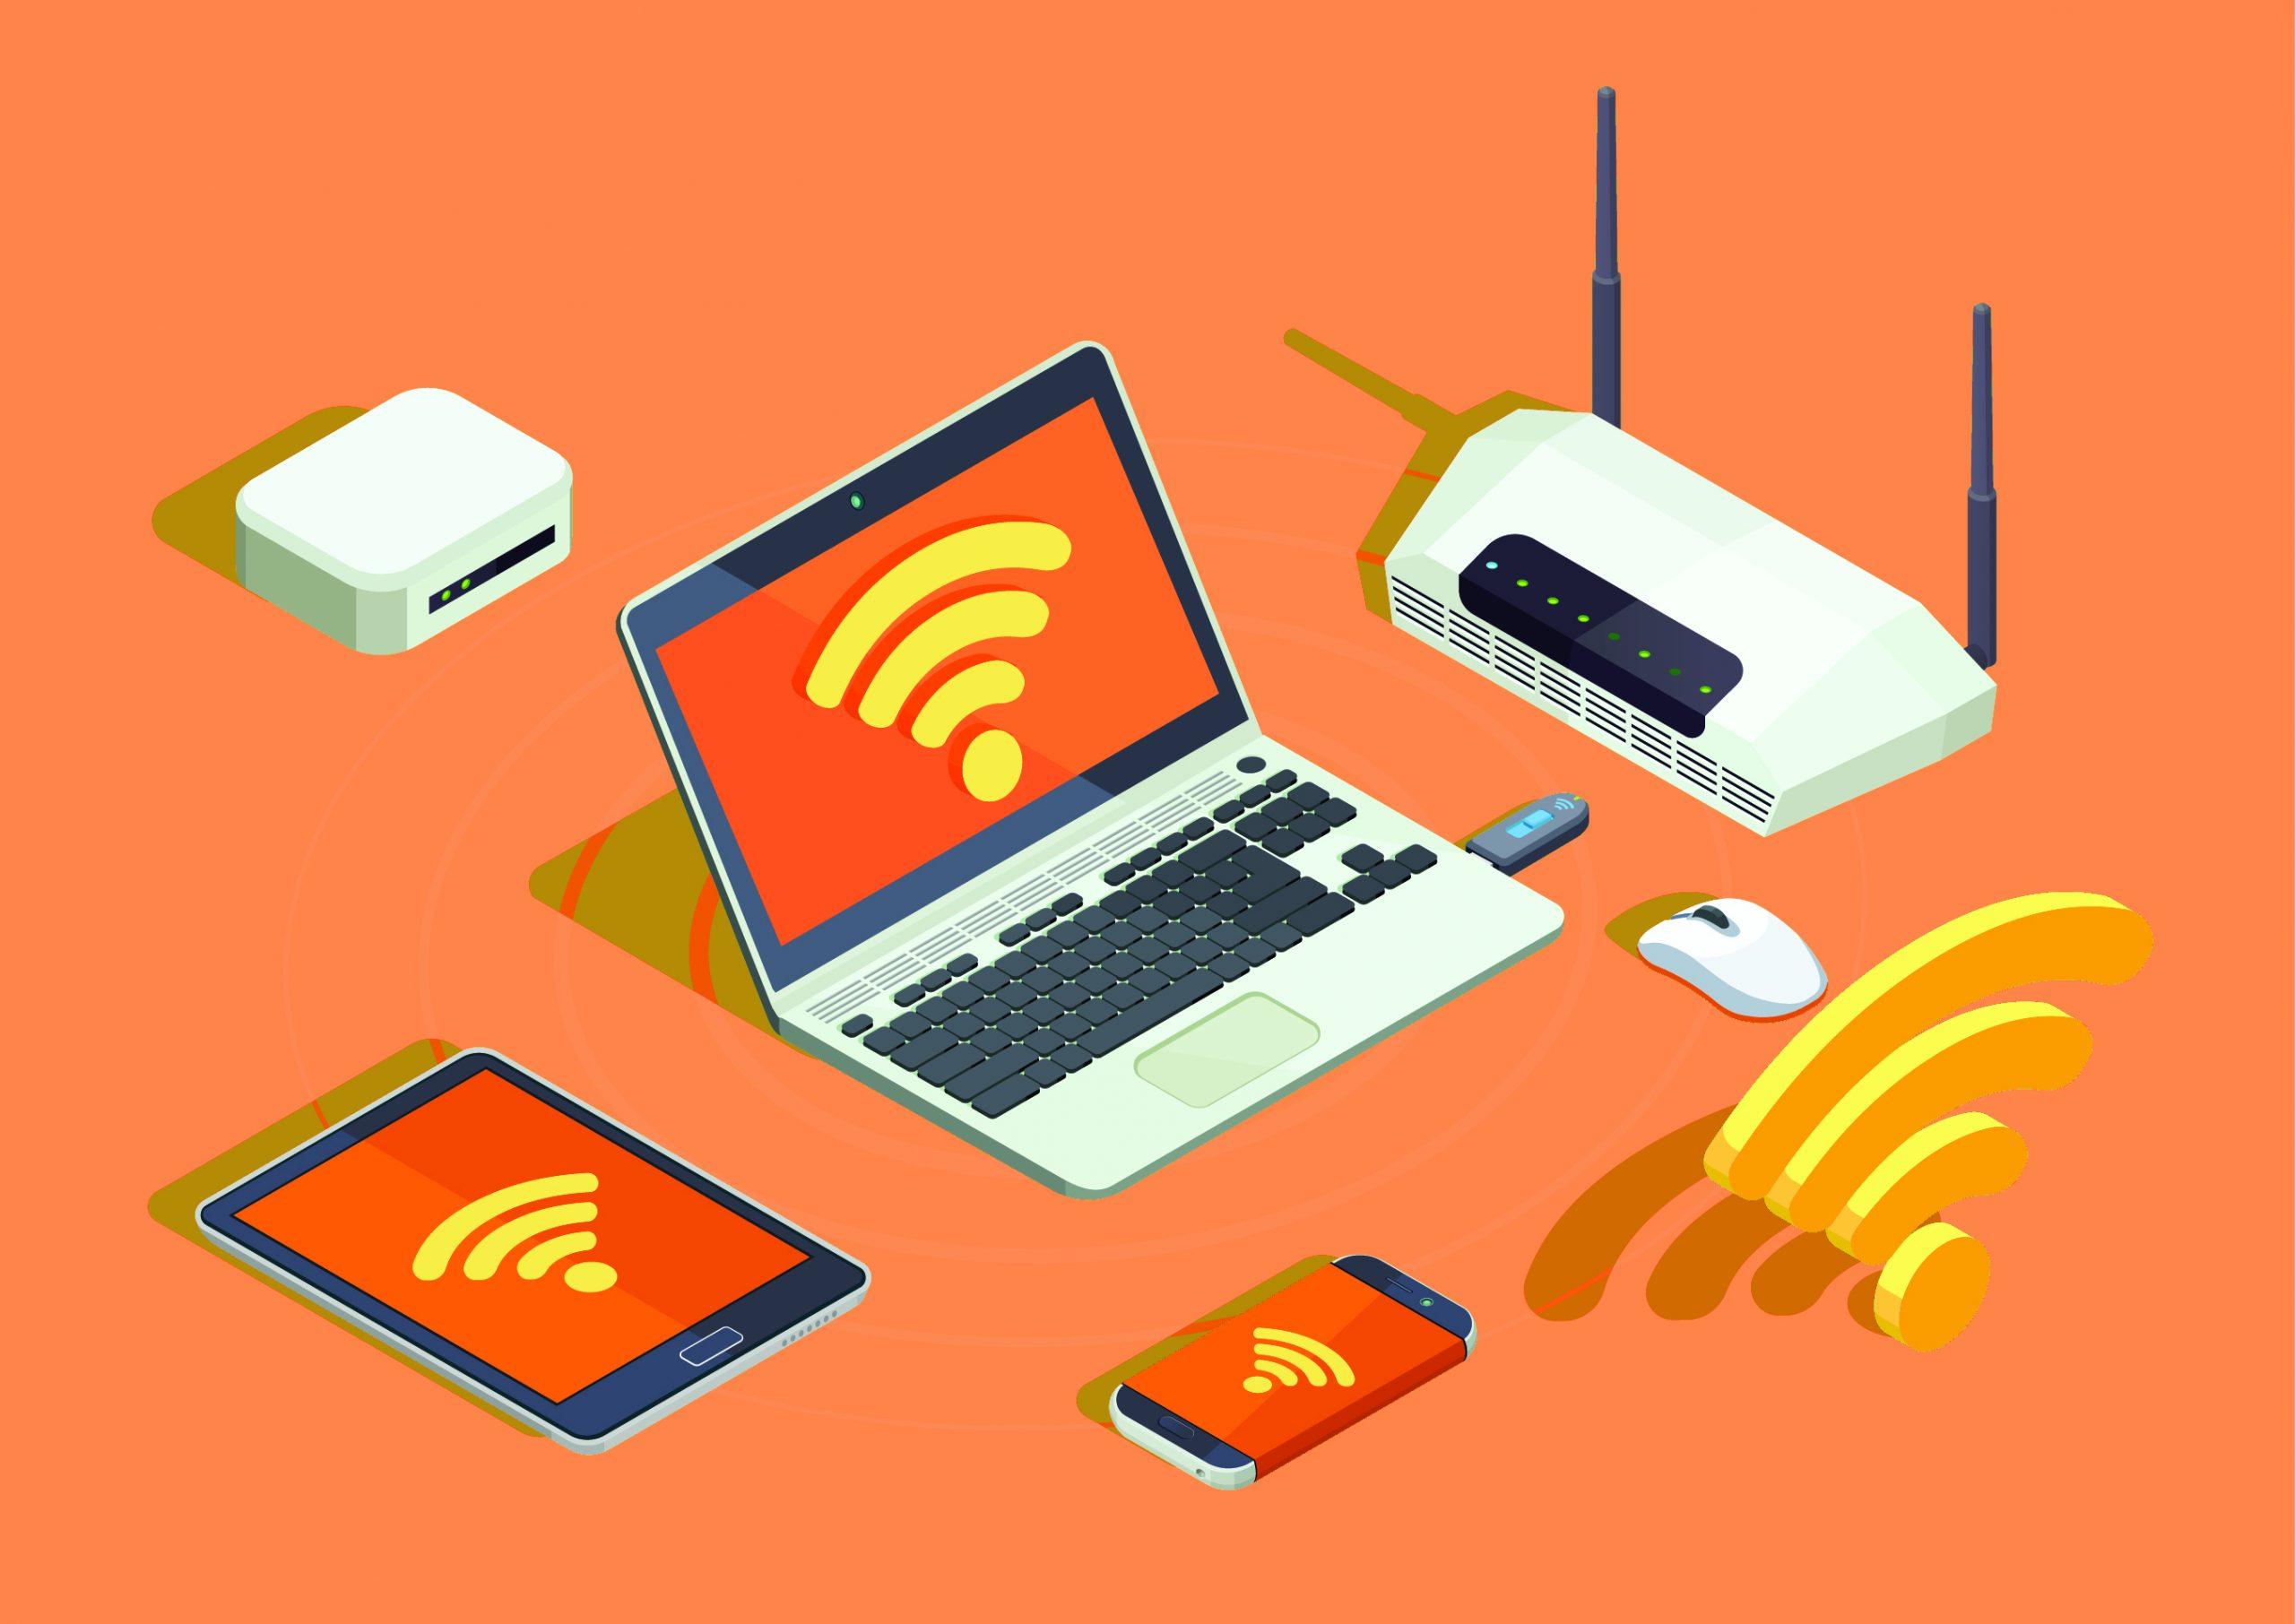 CYLK apresenta solução de IA para redes wireless